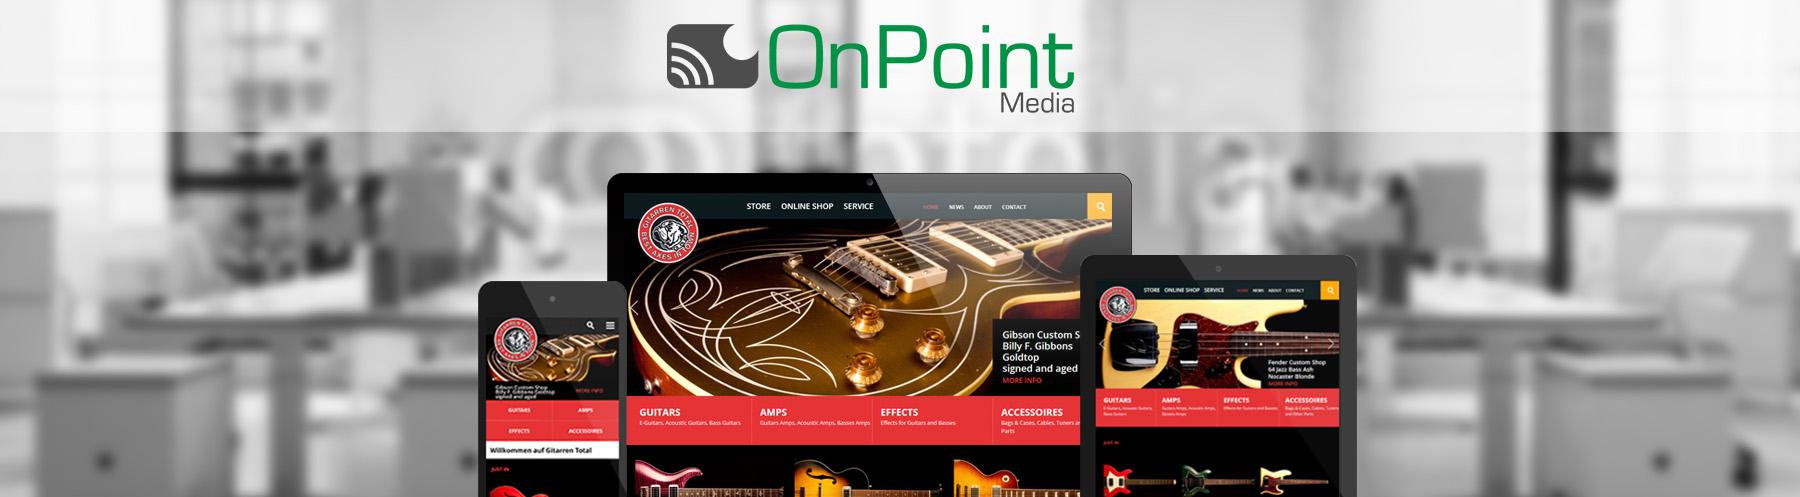 Websites-97199 Ochsenfurt